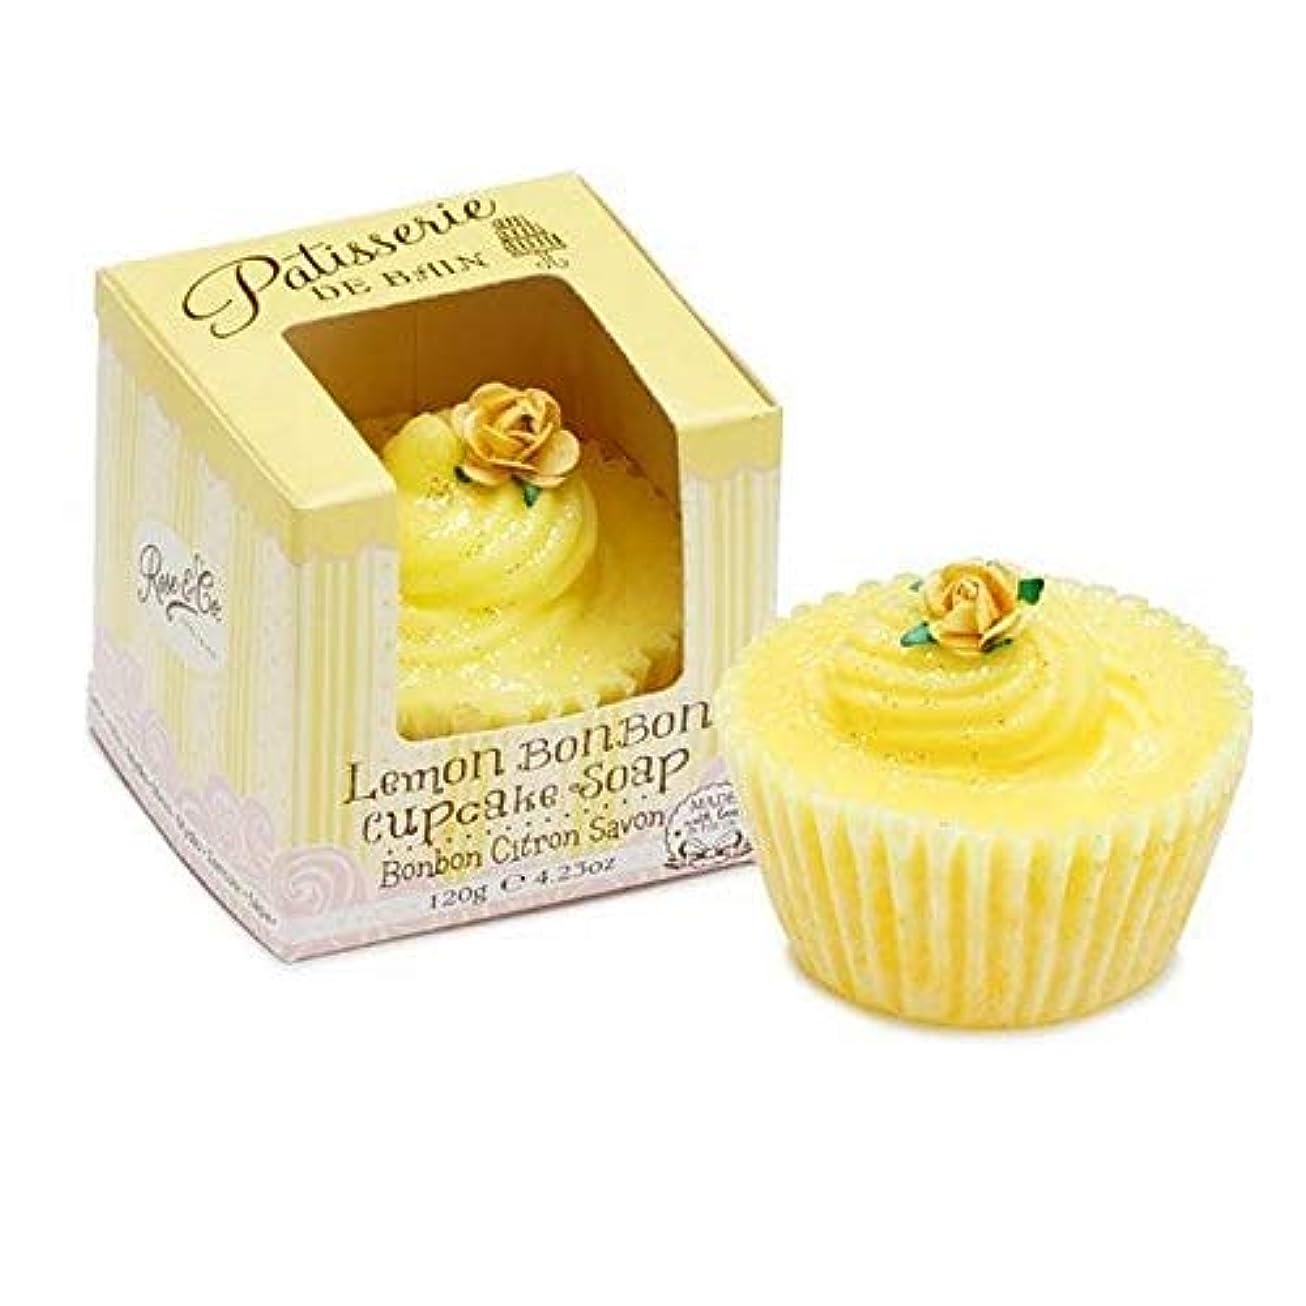 周りできる脳[Patisserie de Bain ] パティスリー?デ?ベインレモンボンボンカップケーキソープ120グラム - Patisserie de Bain Lemon Bon Bon Cupcake soap 120g...